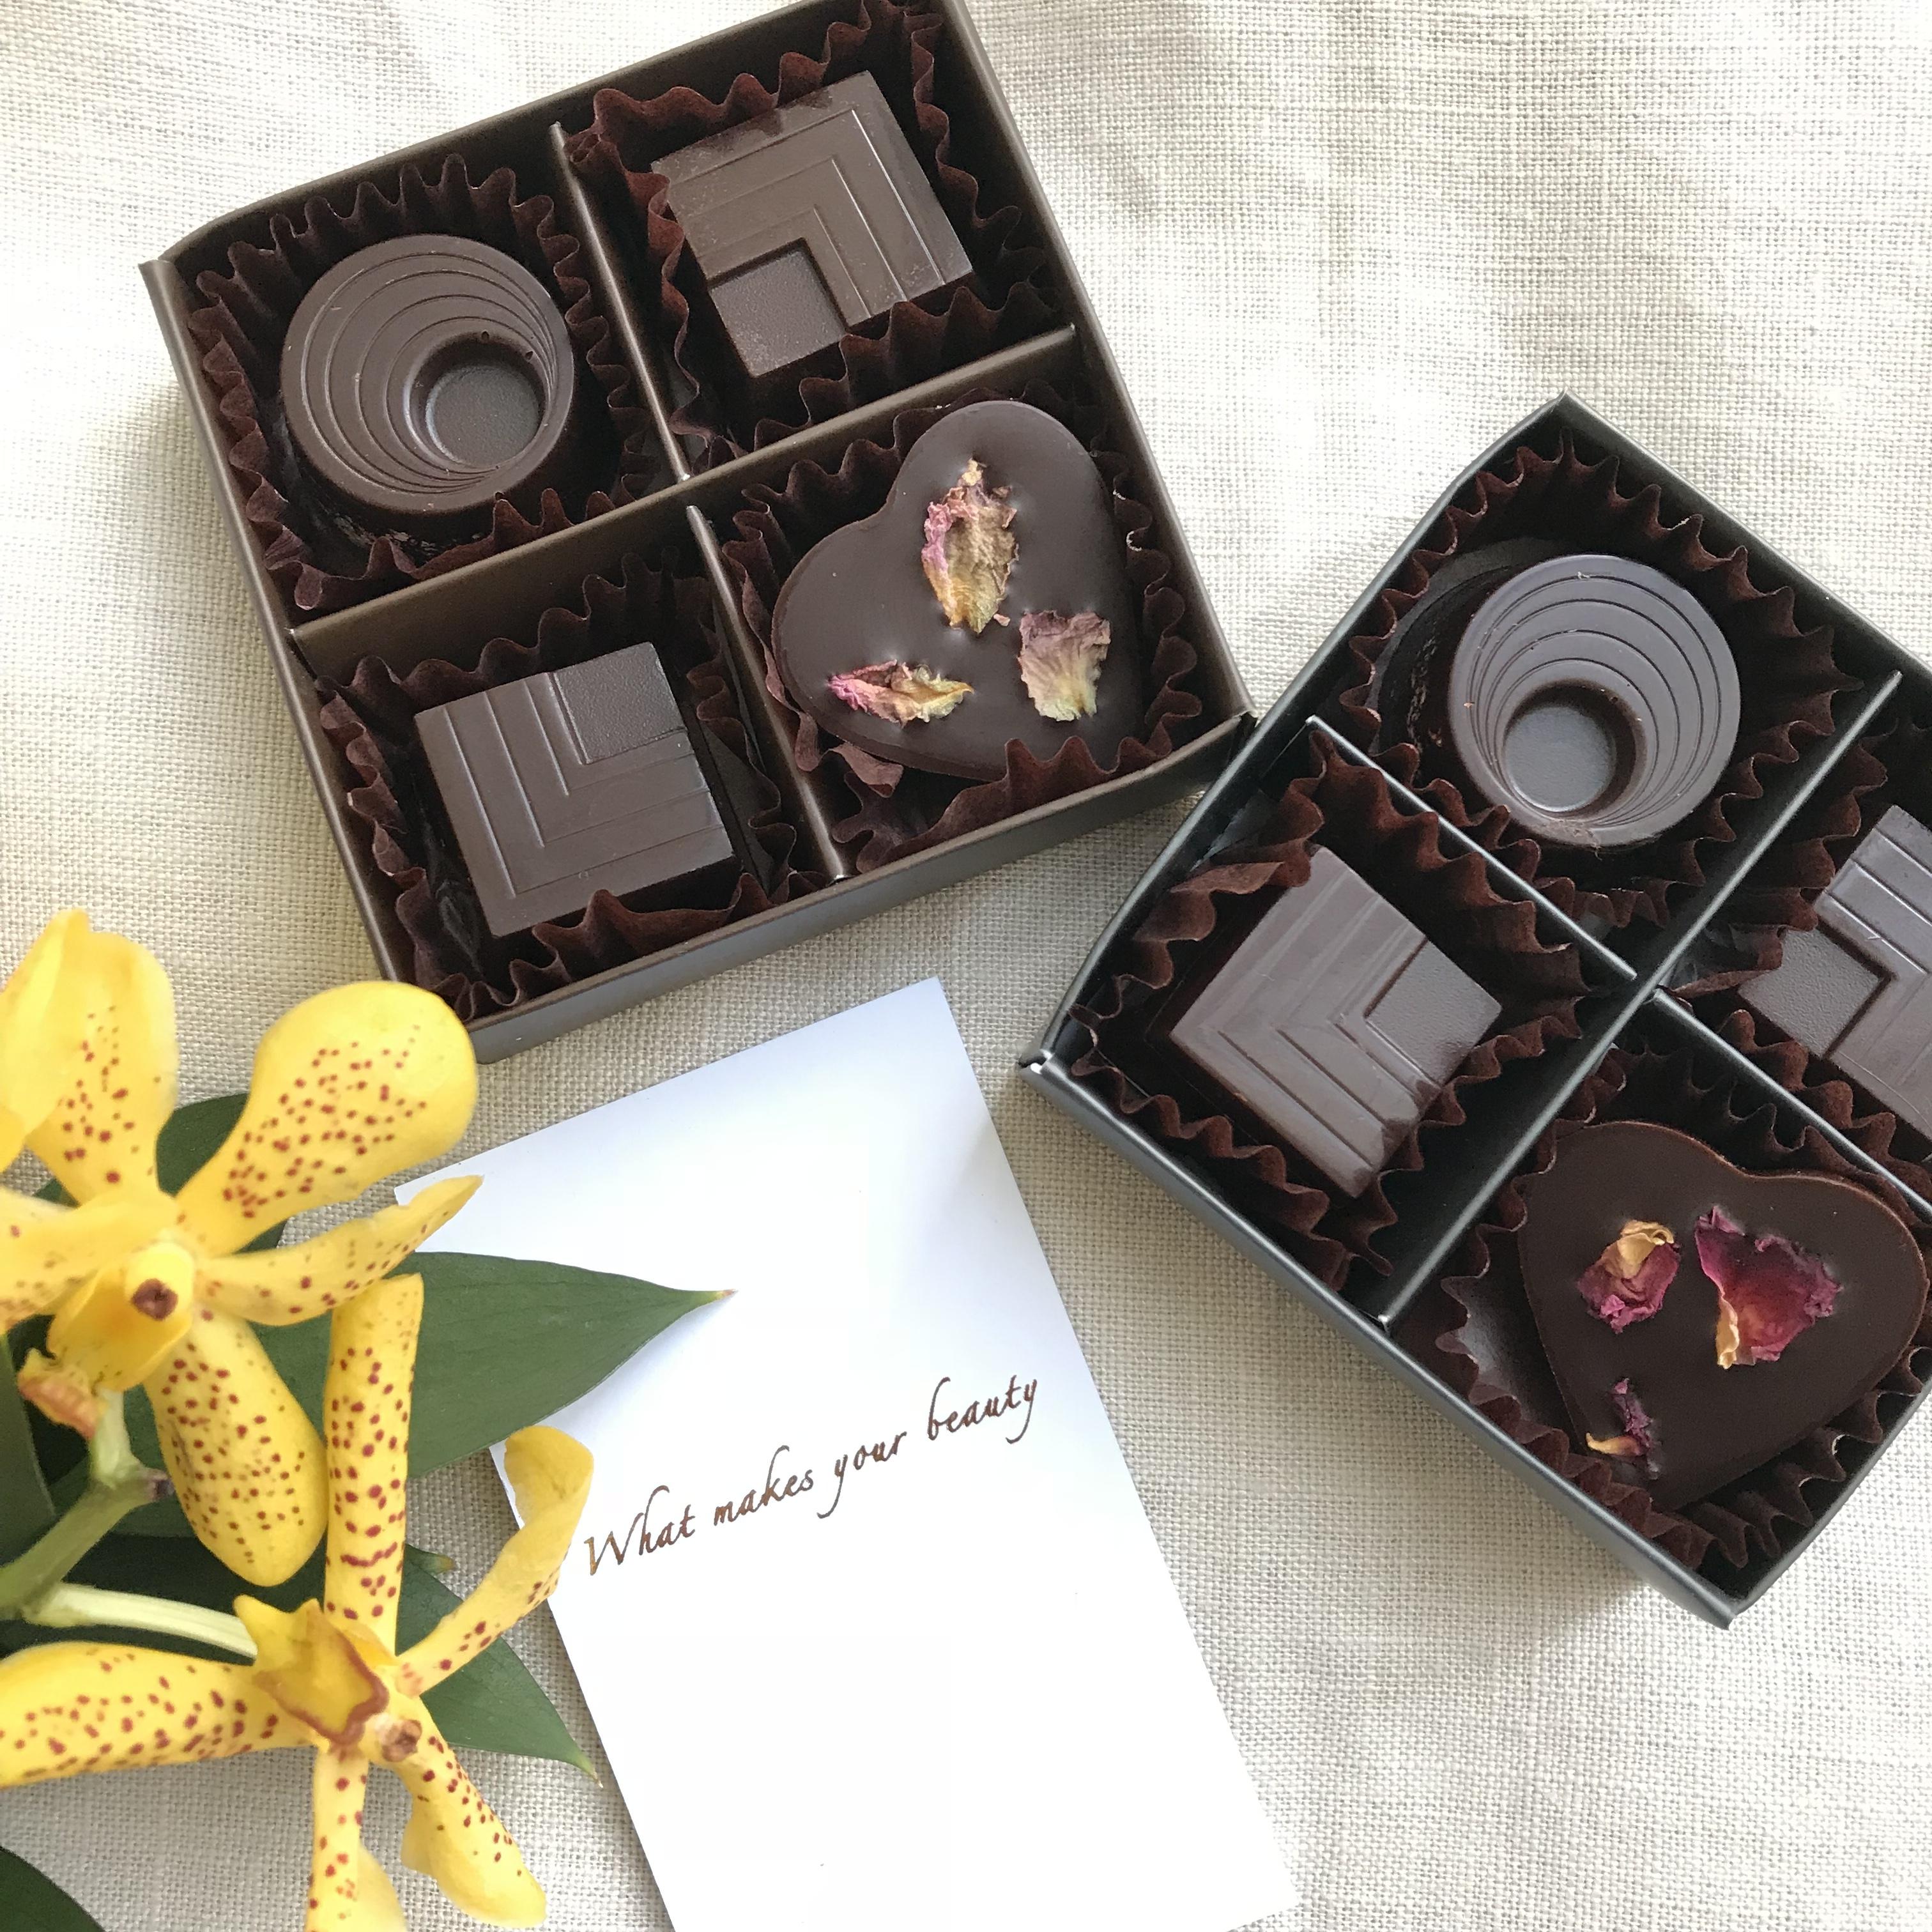 基本のローチョコレート